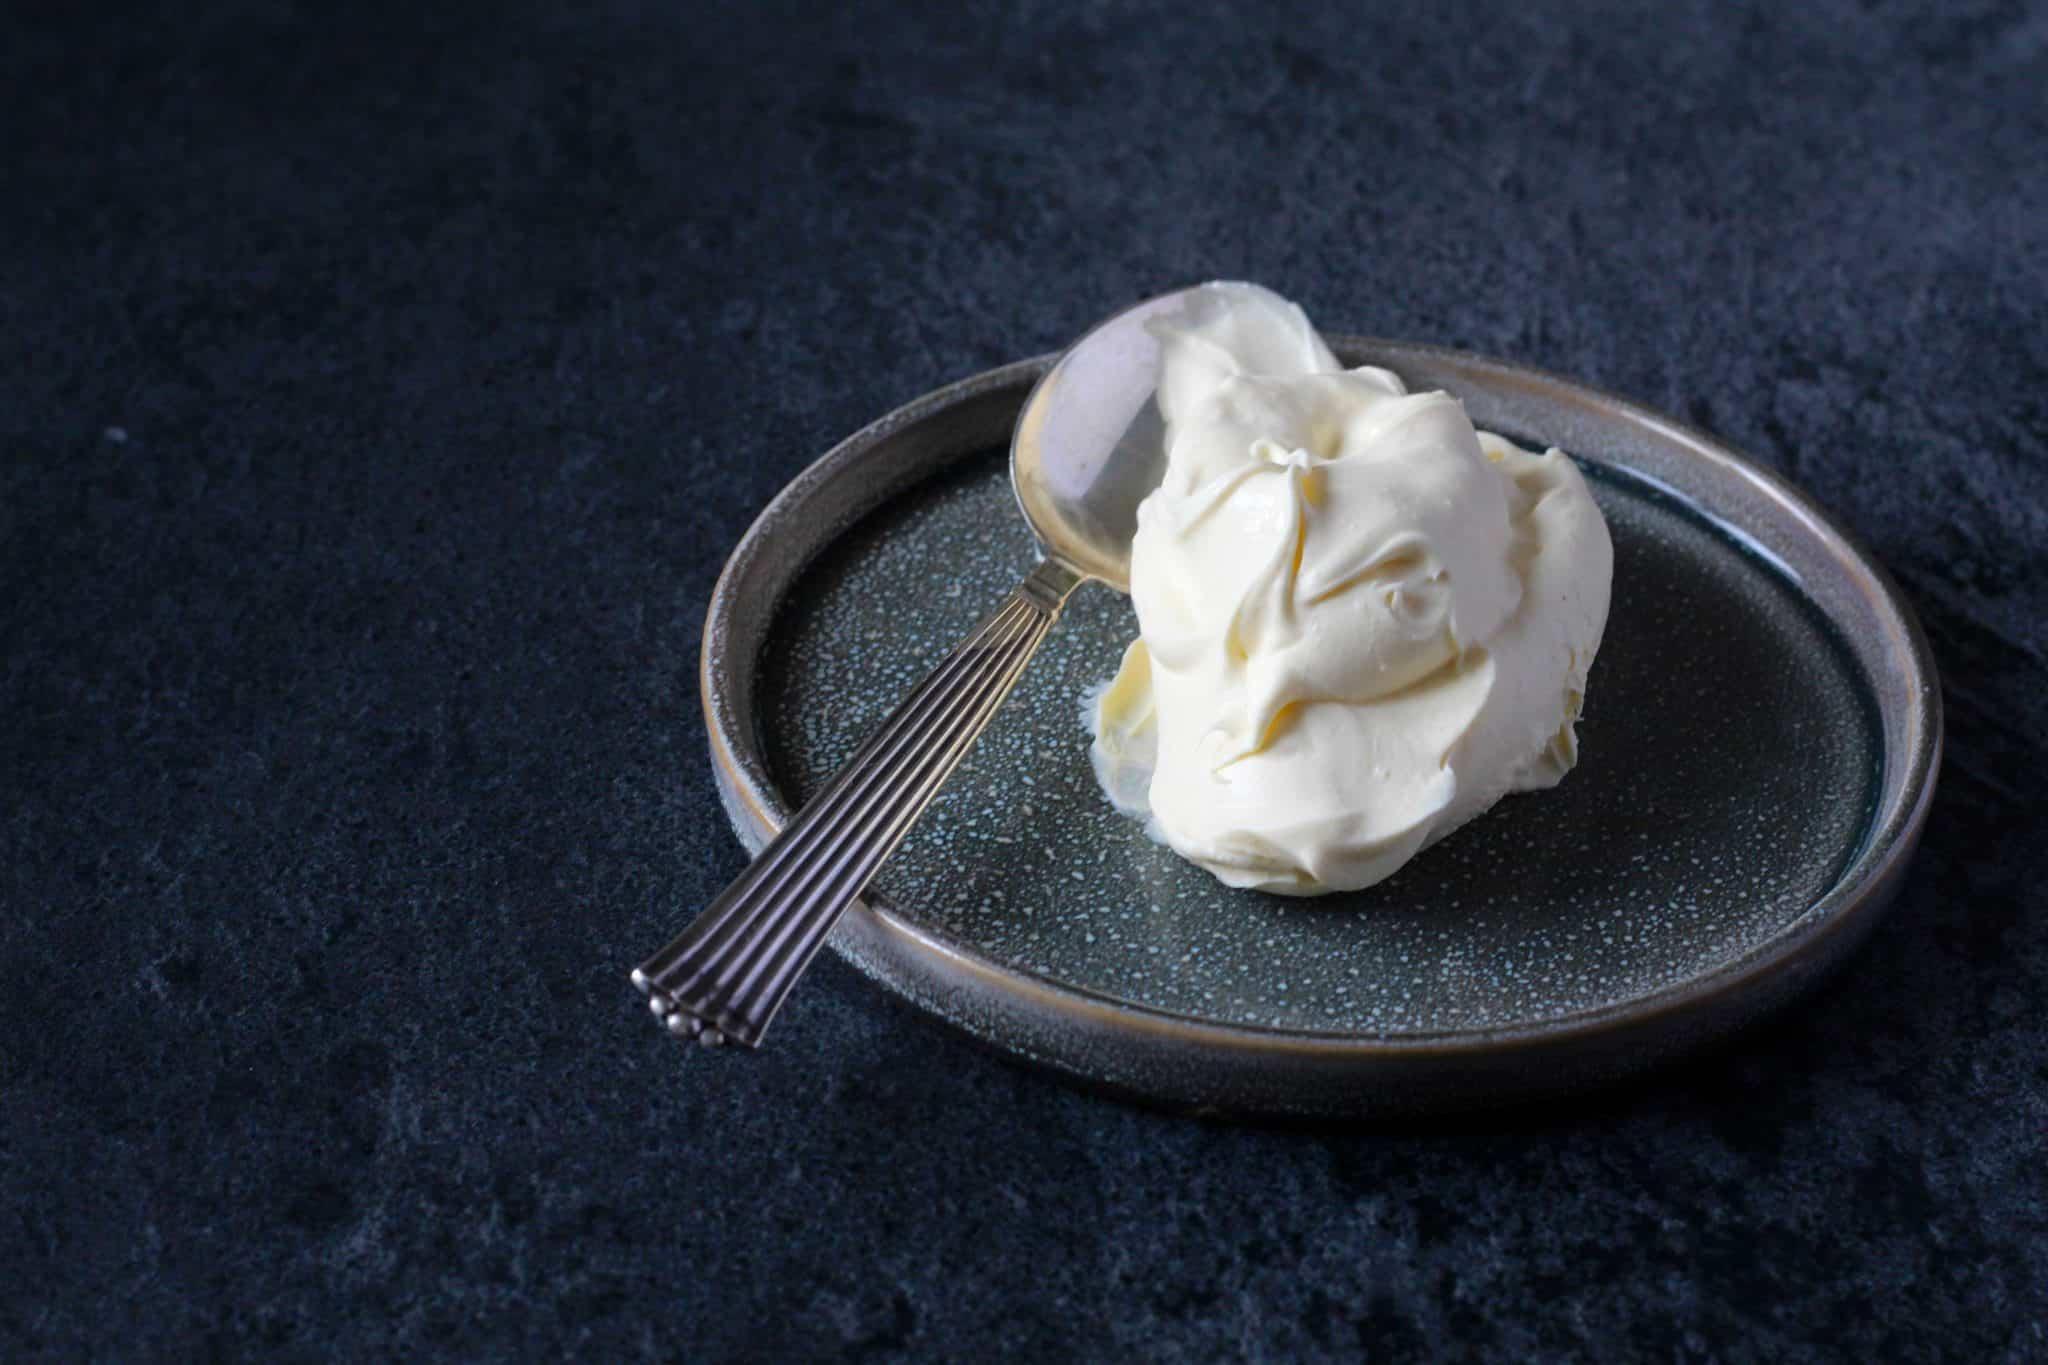 Hjemmelavet mascarpone - Se hvor nemt det er at lave den lækre cremede italienske ost derhjemme. Kun to ingredienser! Se den nemme opskrift her: